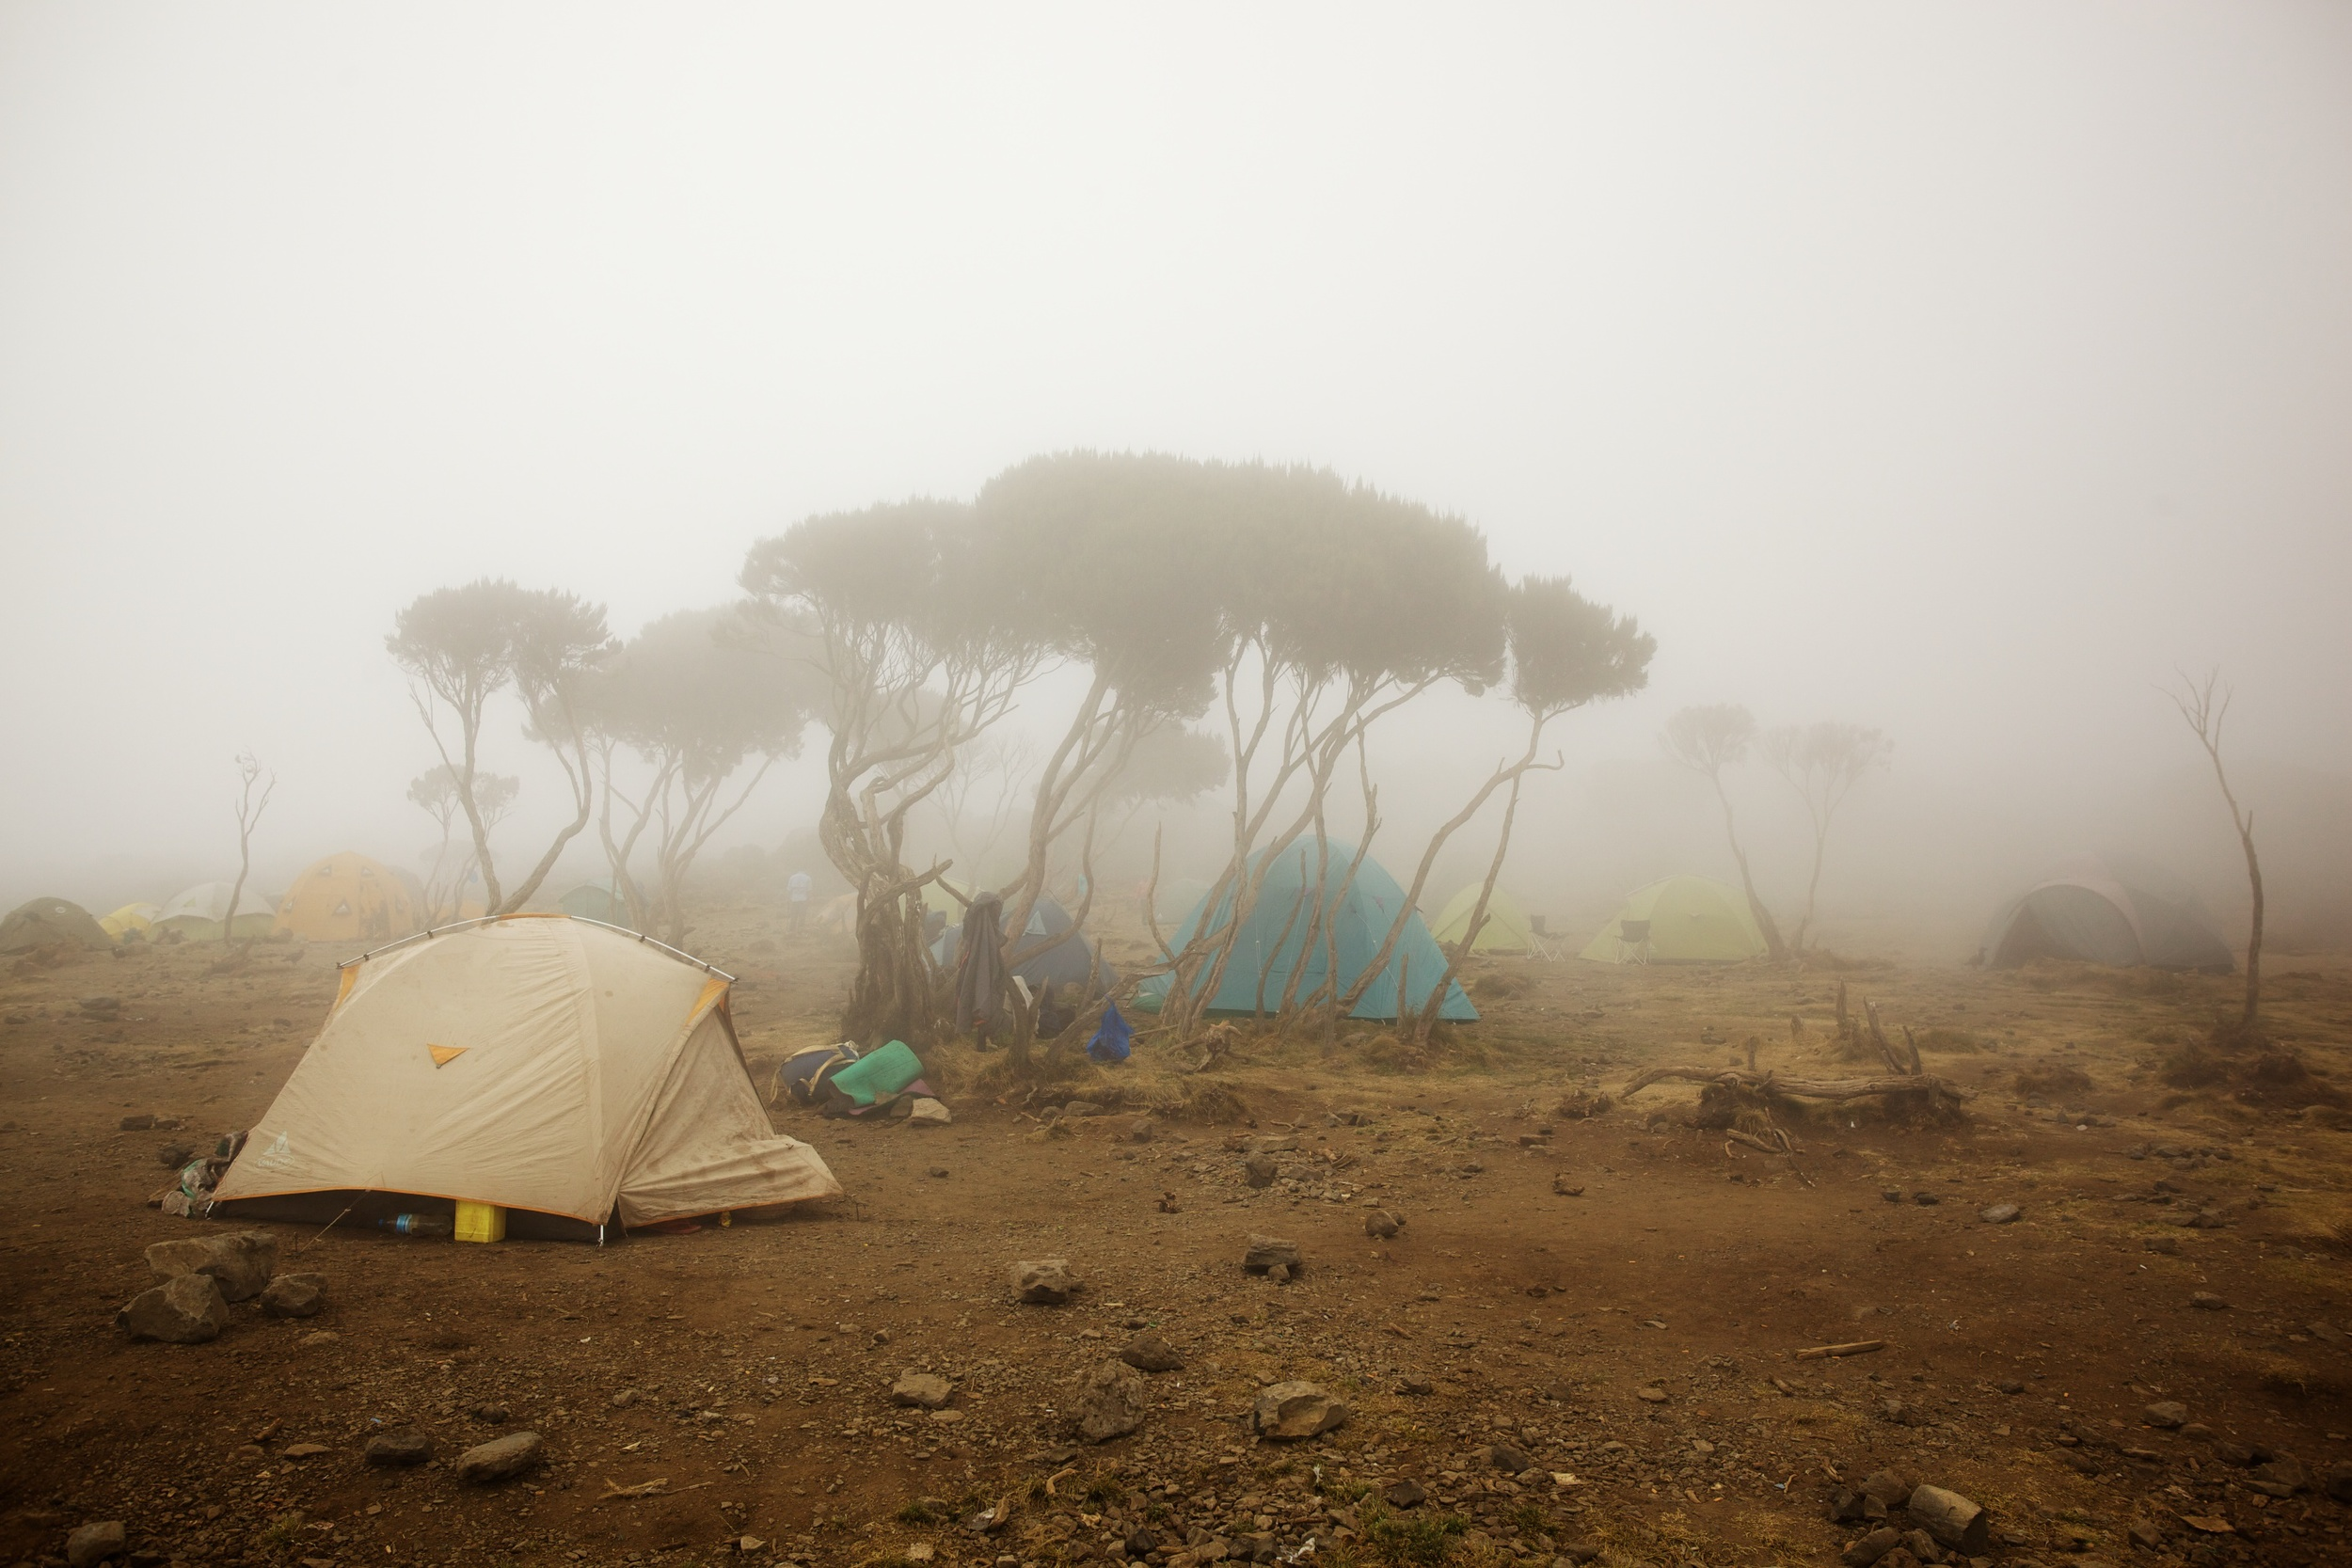 Storm at Shira Camp, 3940 asml Kilimanjaro (TZ), Sep 2012